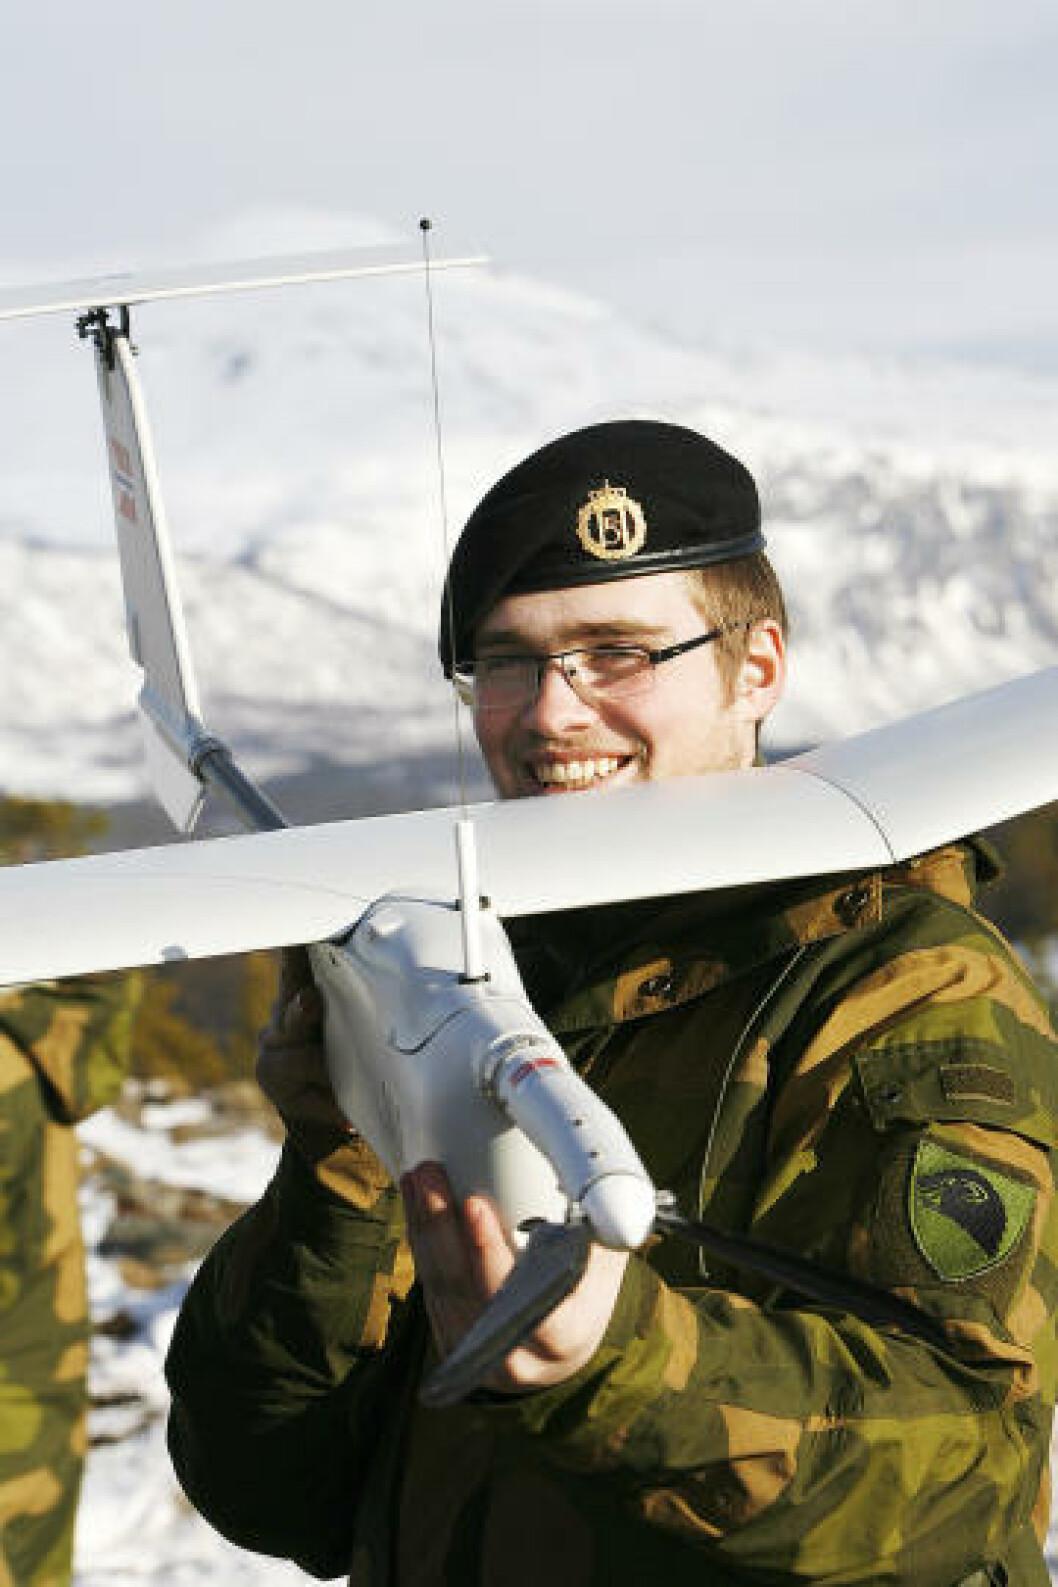 Fredrik Engebretsen med sin Aladin mini UAV. Det er altså ikke særlig stort, sammenlignet med andre militære droner. Foto: Torbjørn Kjosvold/Forsvaret